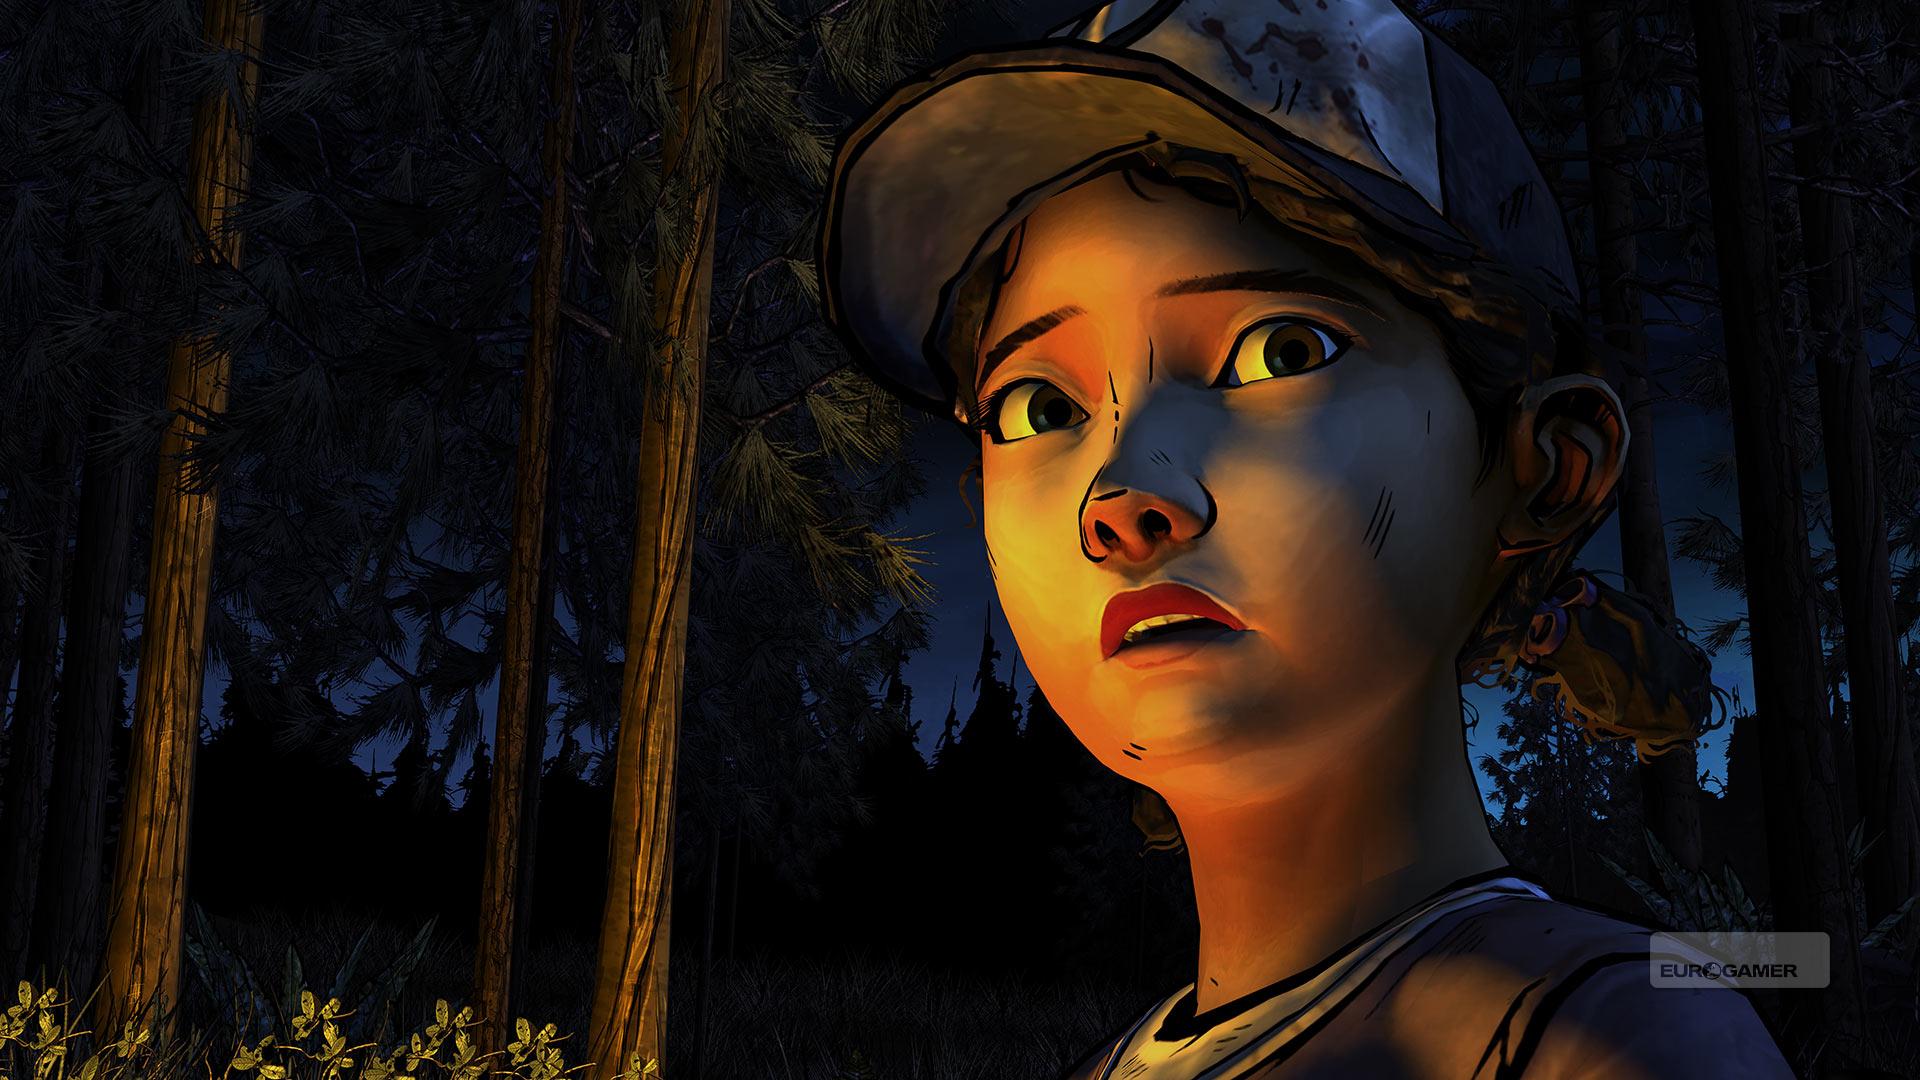 行尸走肉第二季游戏截图 黑暗中如何生存